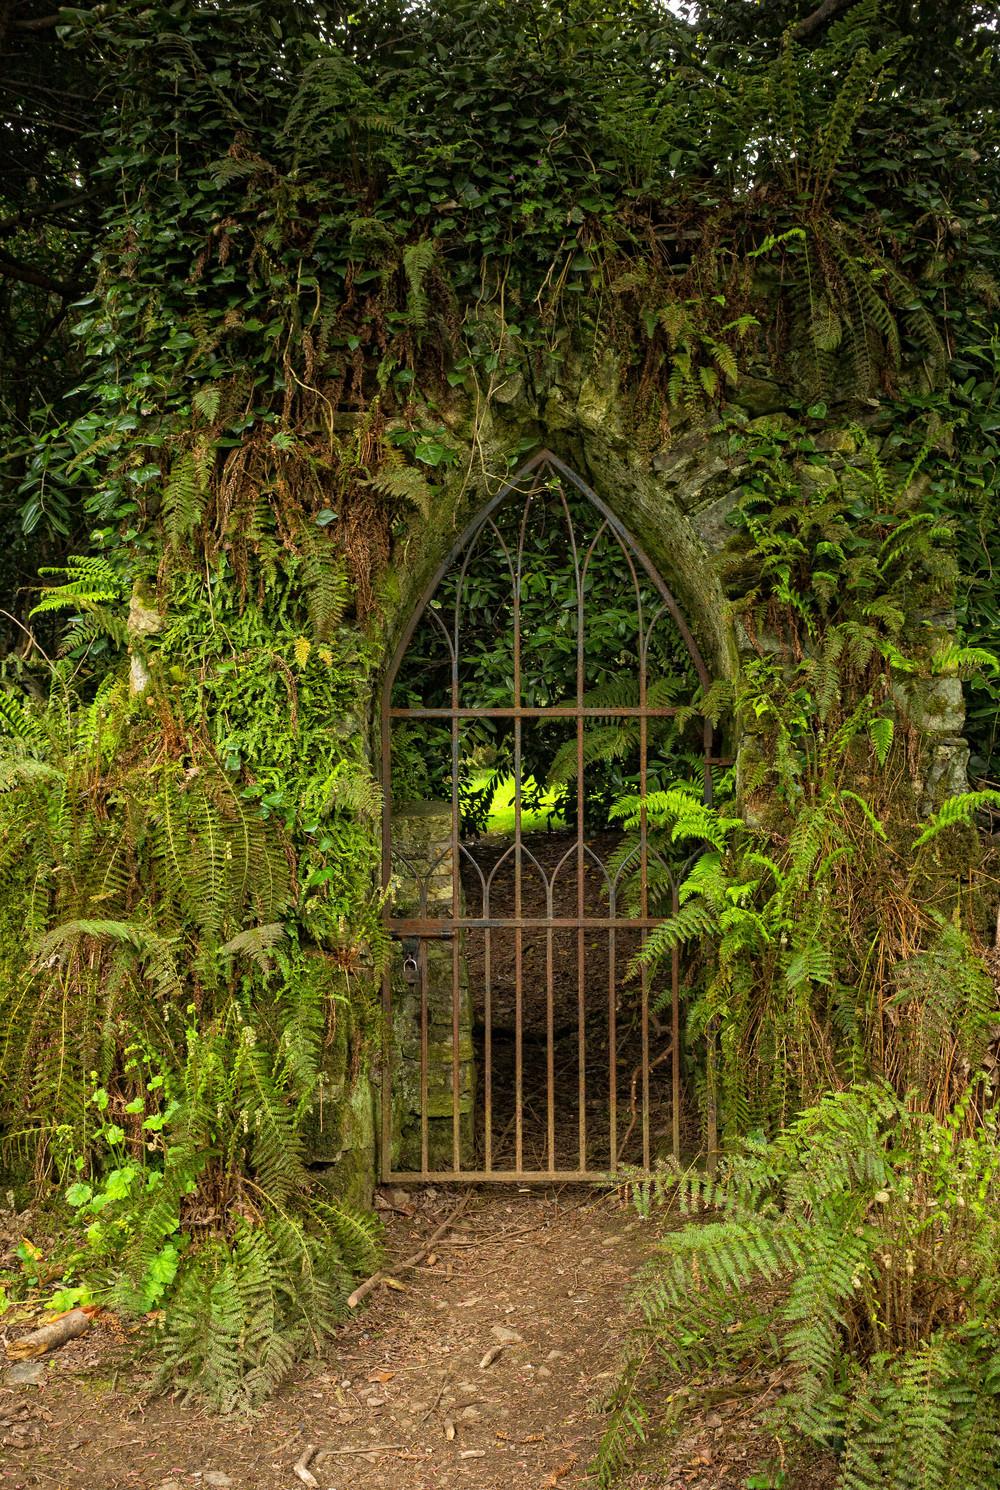 Kilmacurragh Arboretum May 2016 4 Overgrown Gate  (1 of 1).jpg